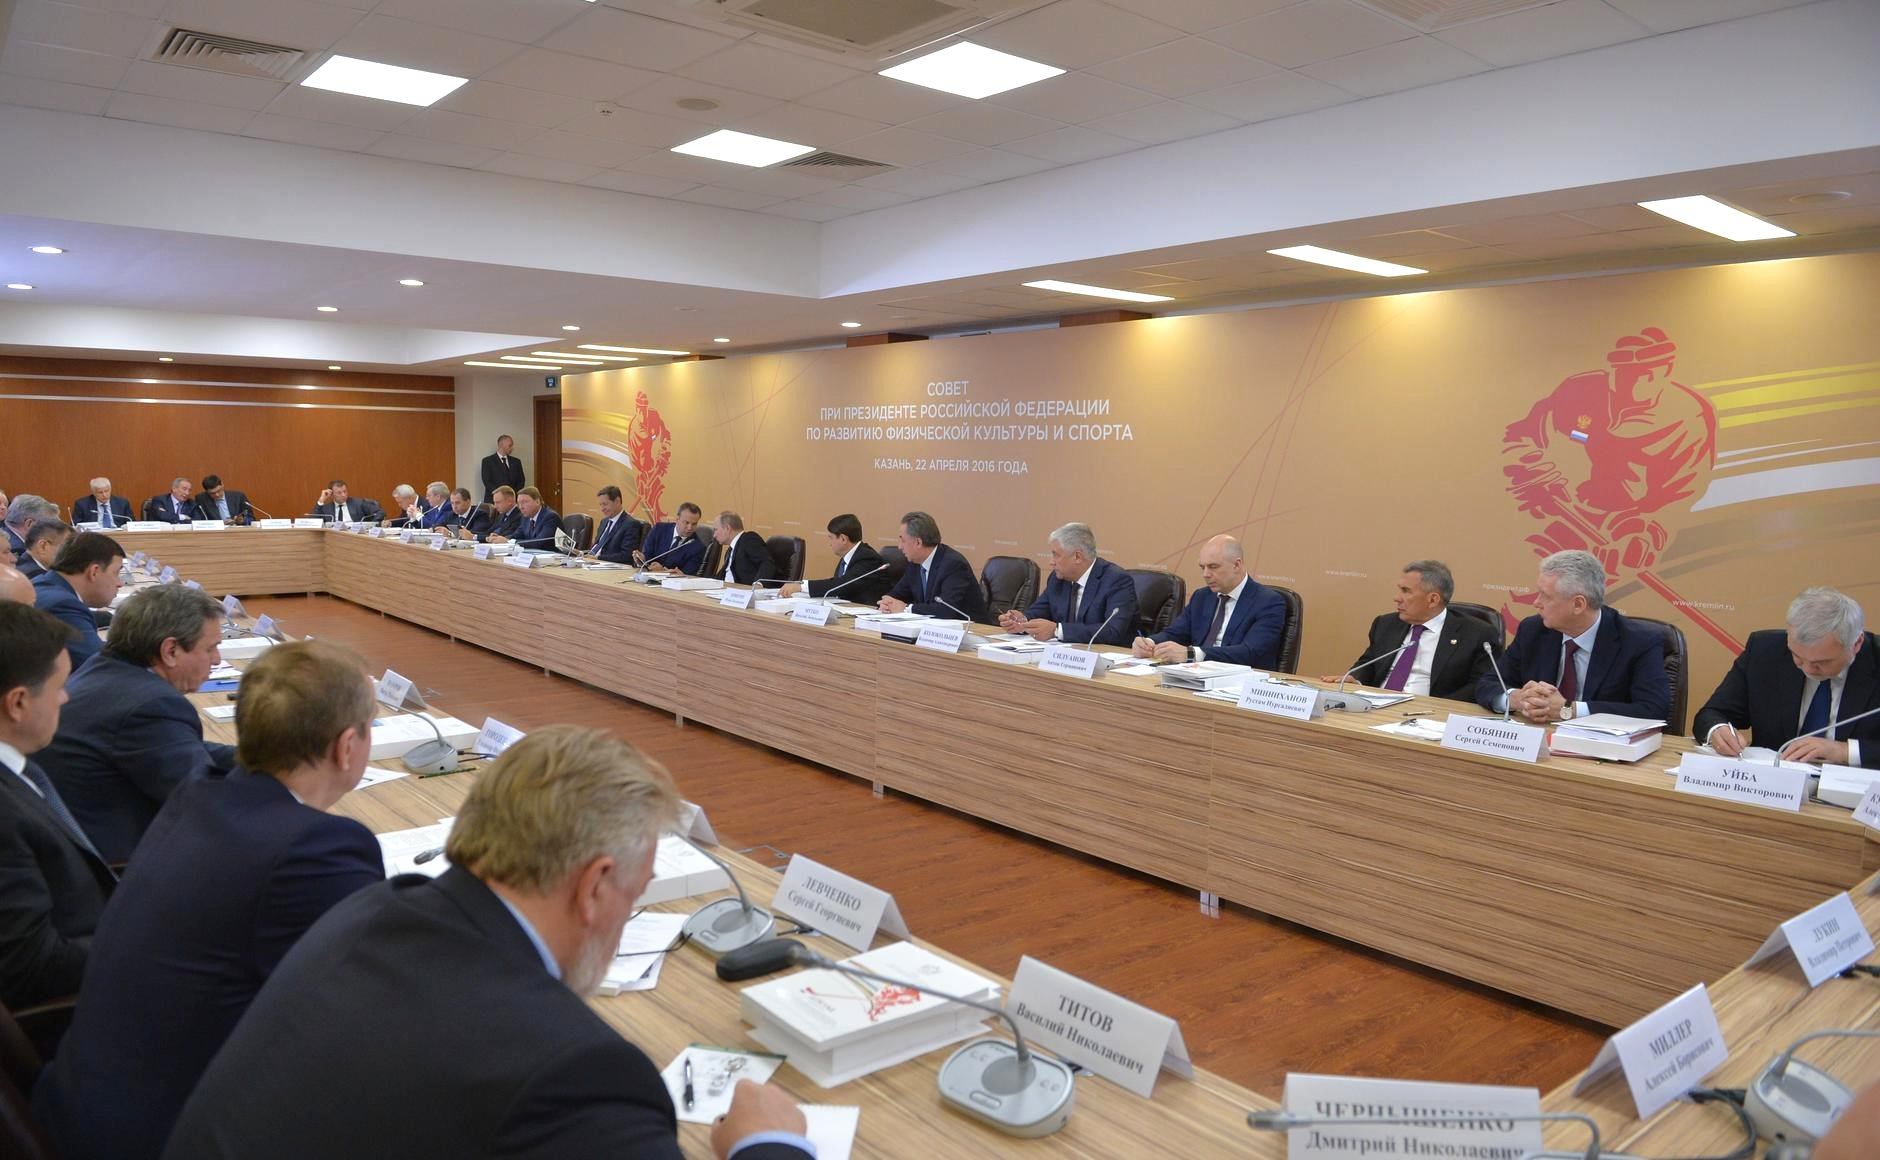 В.П. Лукин в г. Казани принял участие в заседании Совета по развитию физической культуры и спорта. Заседание провел В.В. Путин